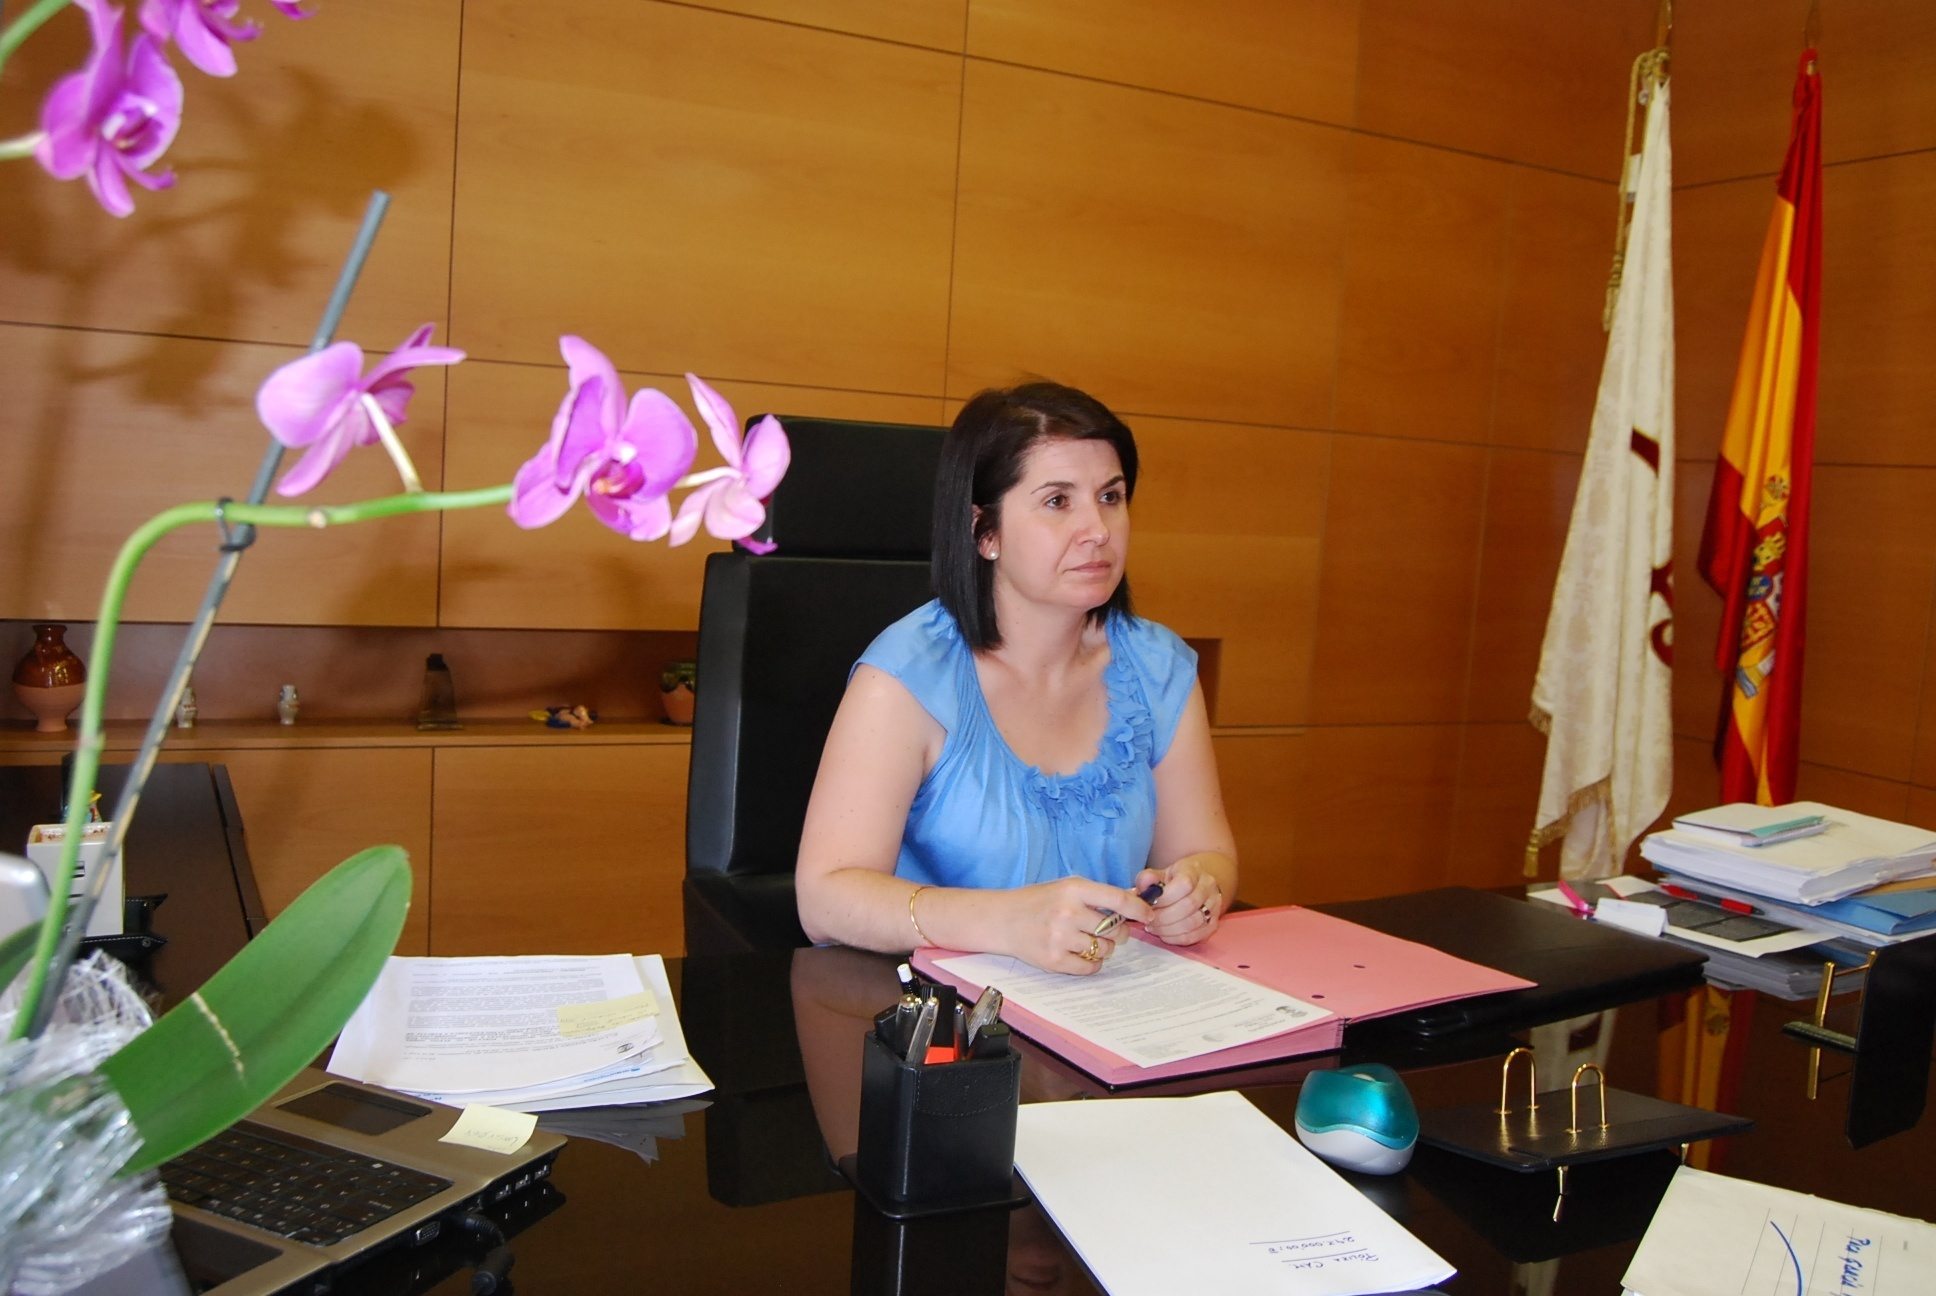 La alcaldesa de Totana se reúne este lunes con el nuevo delegado del Gobierno para abordar nuevos proyectos